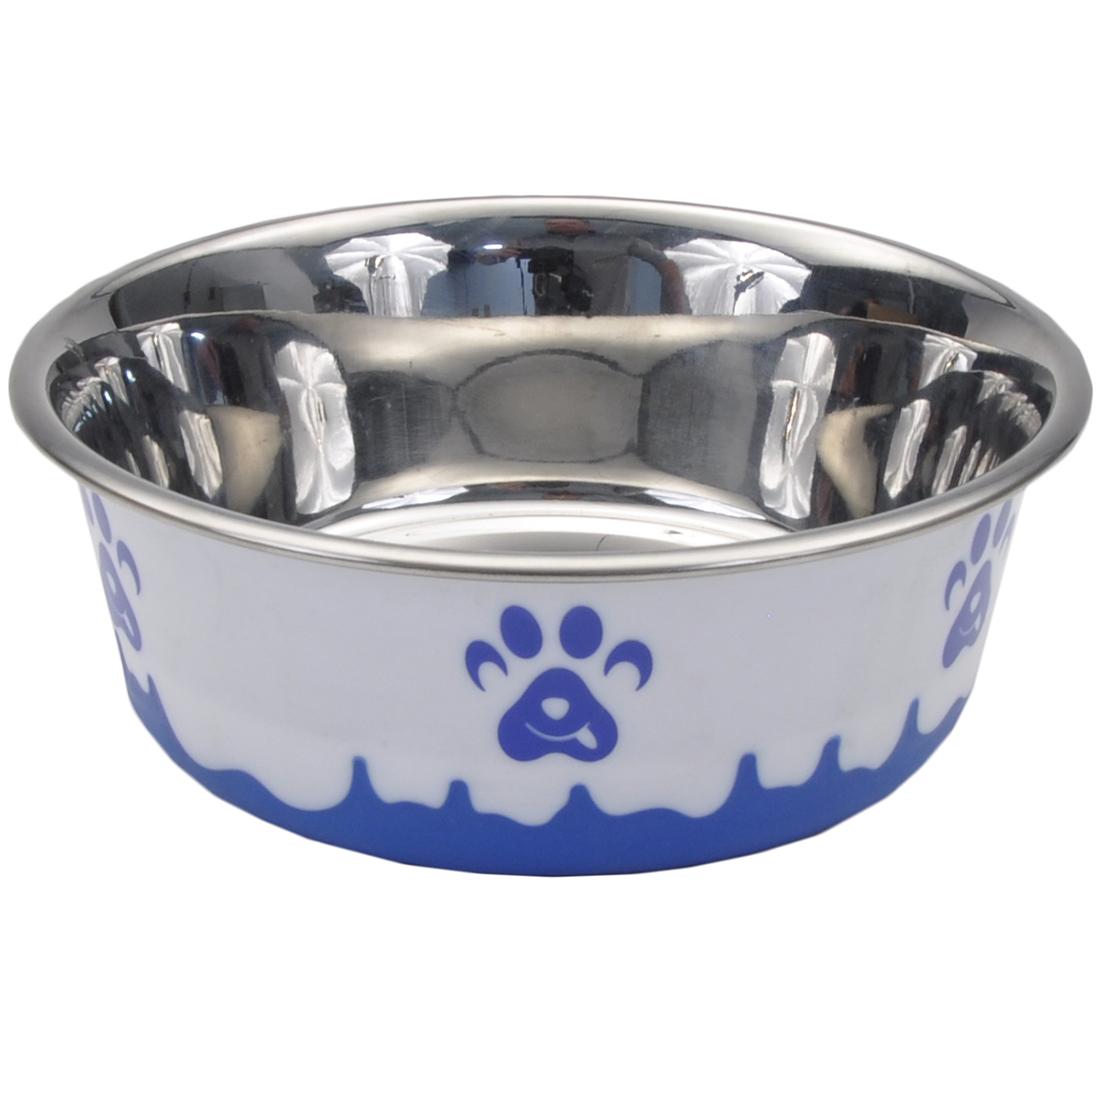 Coastal Pet Products 88420 B/W13